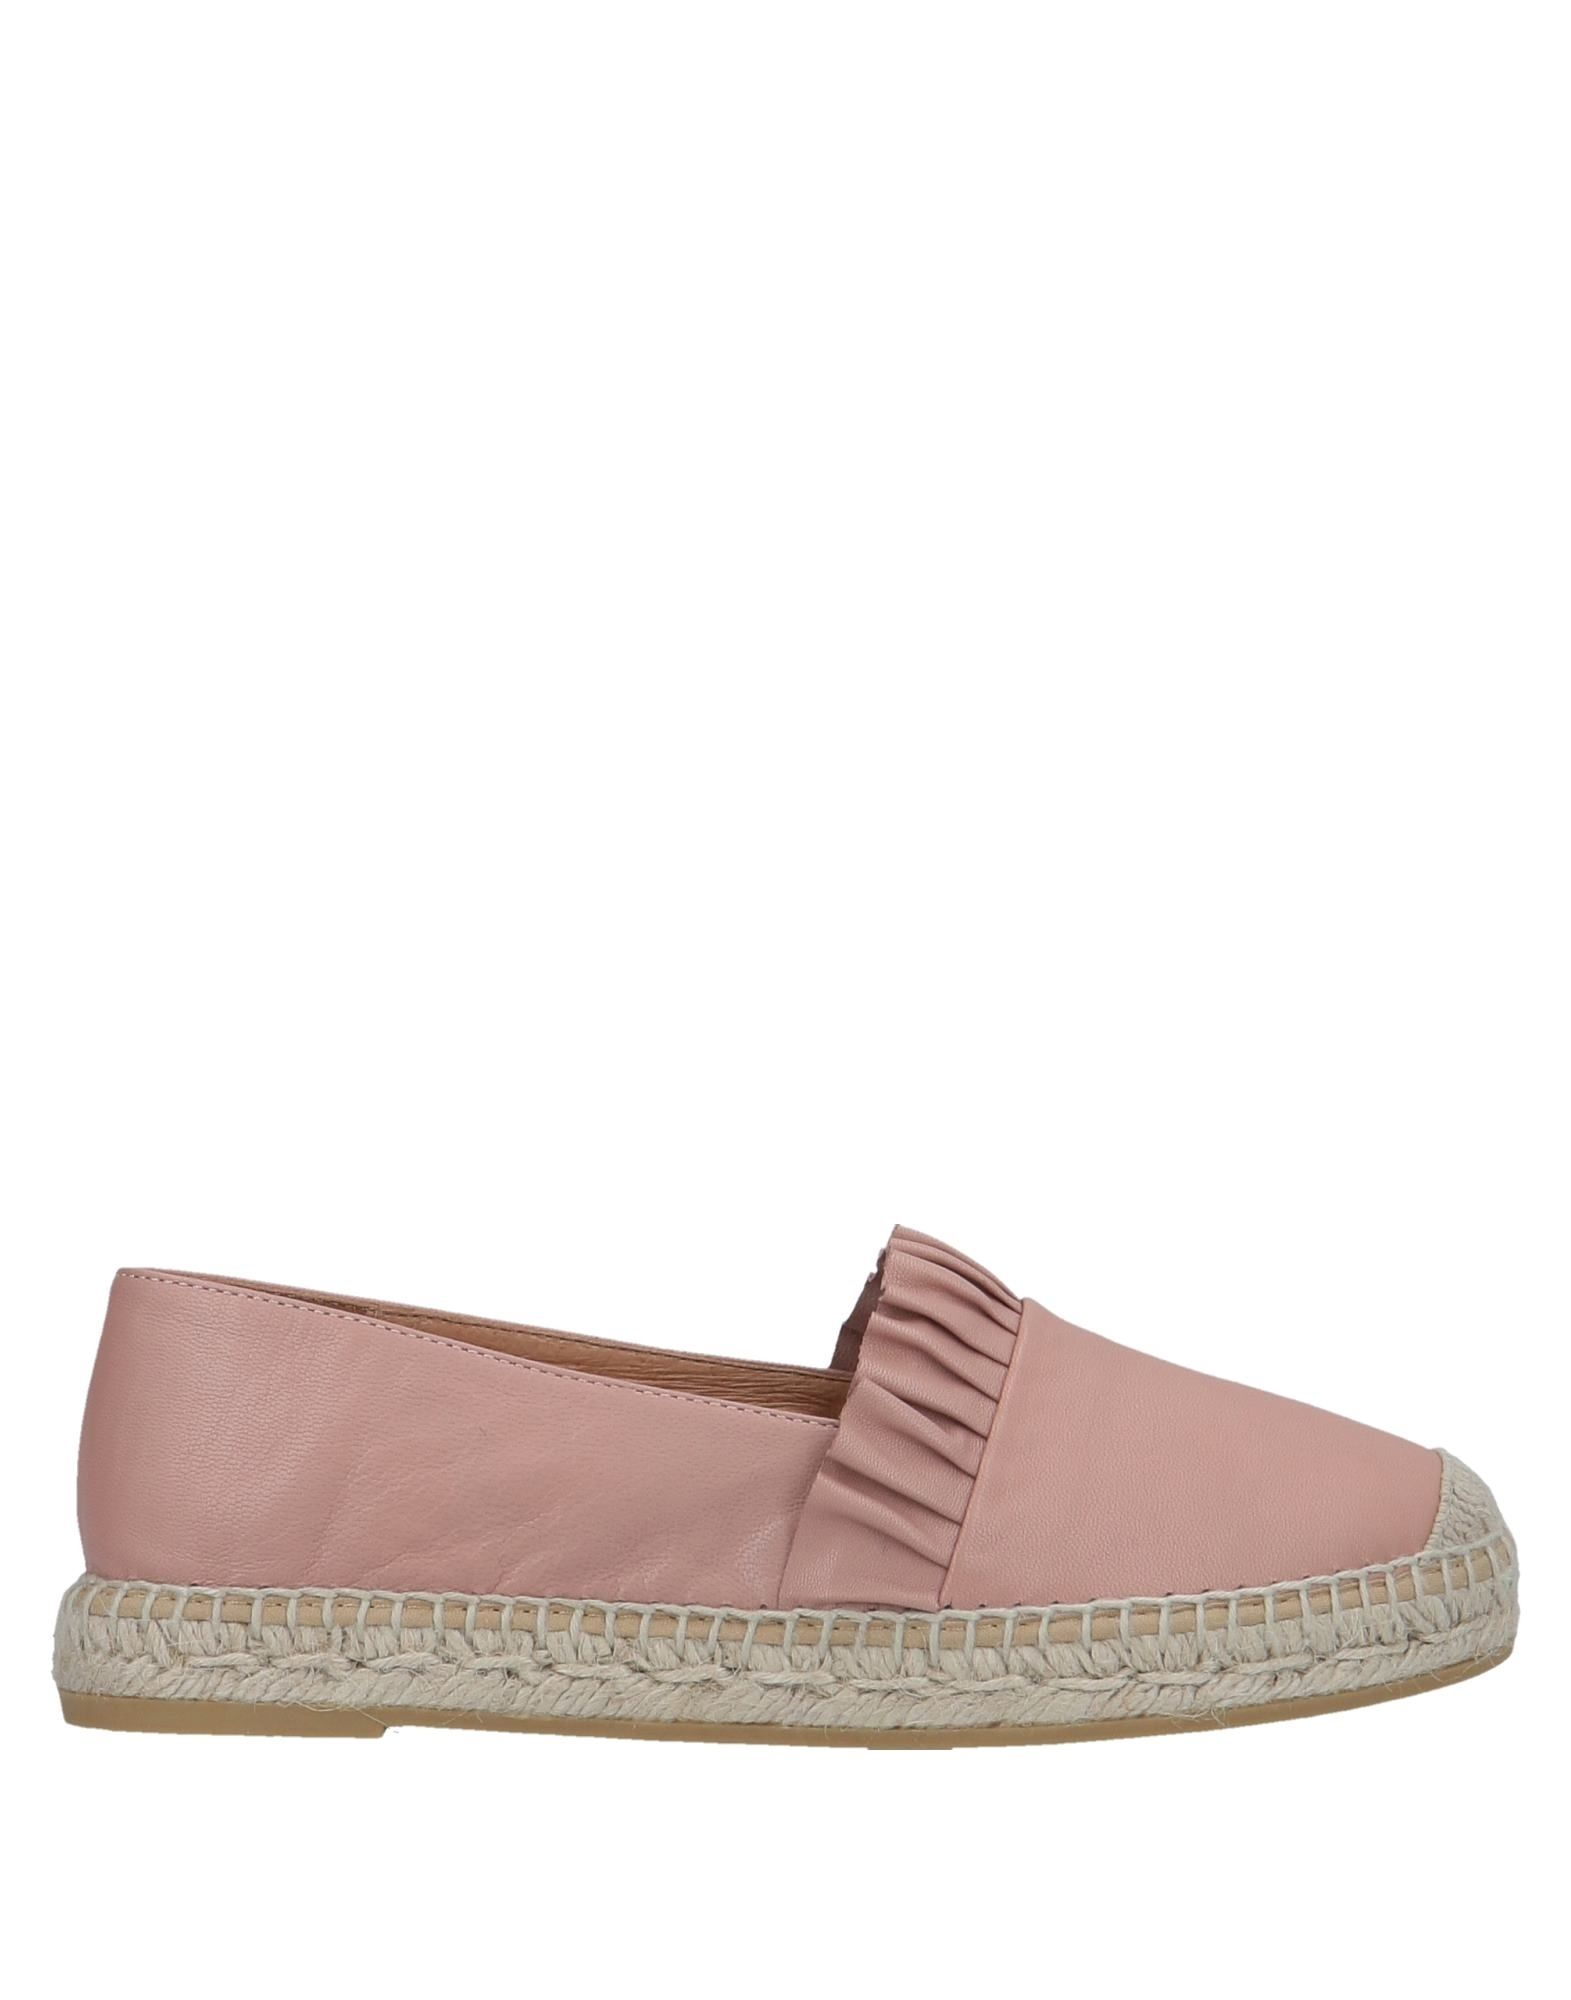 Kanna Espadrilles Damen  11570639WJ Gute Qualität beliebte Schuhe